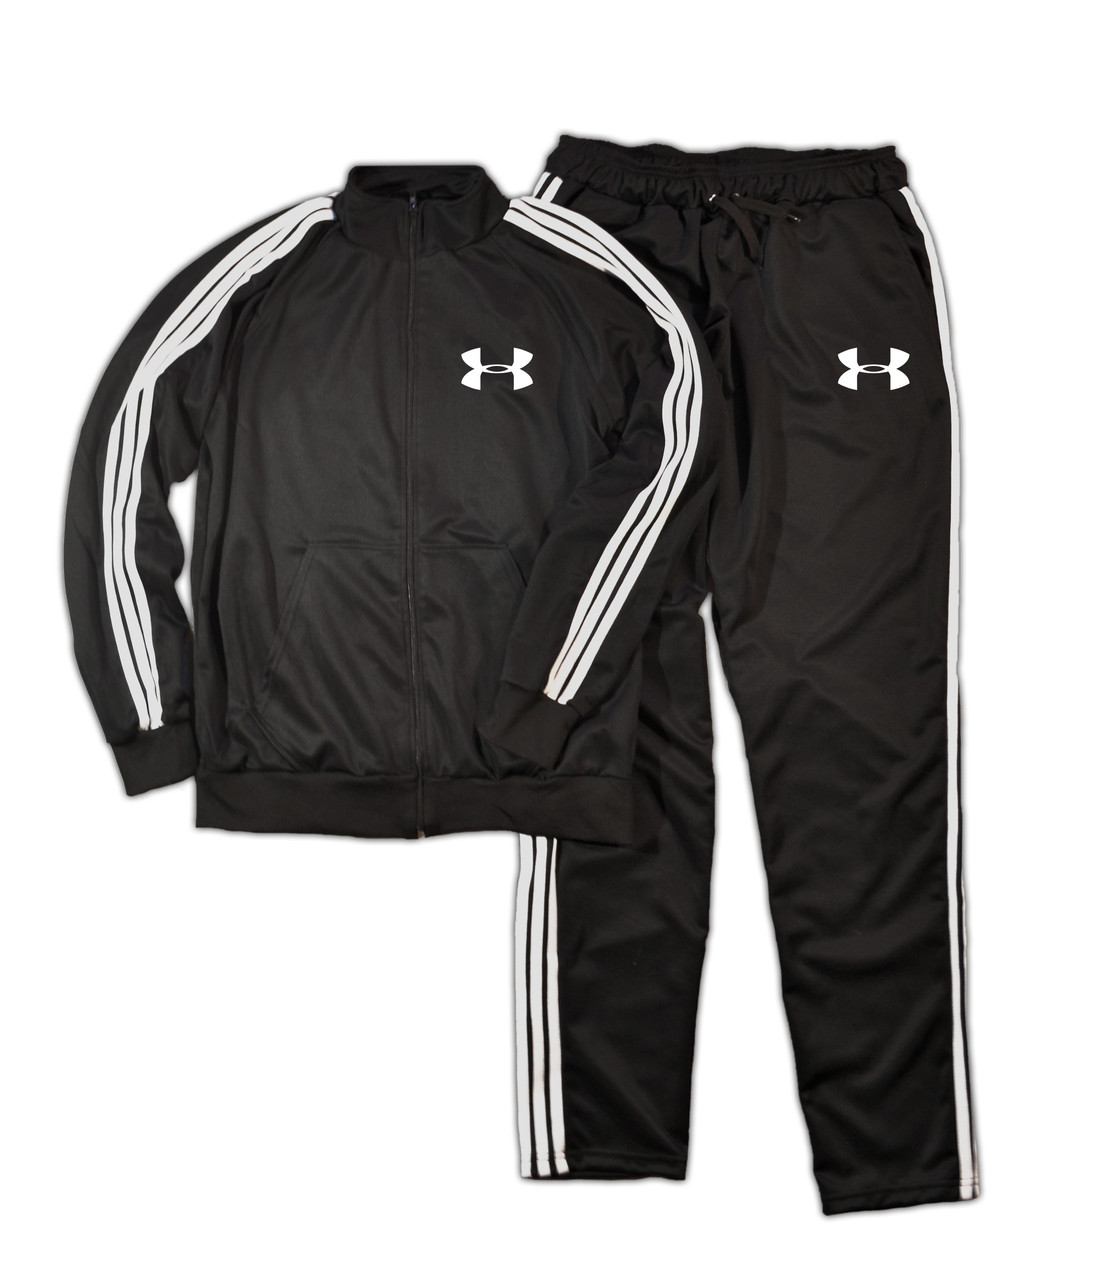 Тренировочный мужской спортивный костюм Under Armour (Андер Армор)